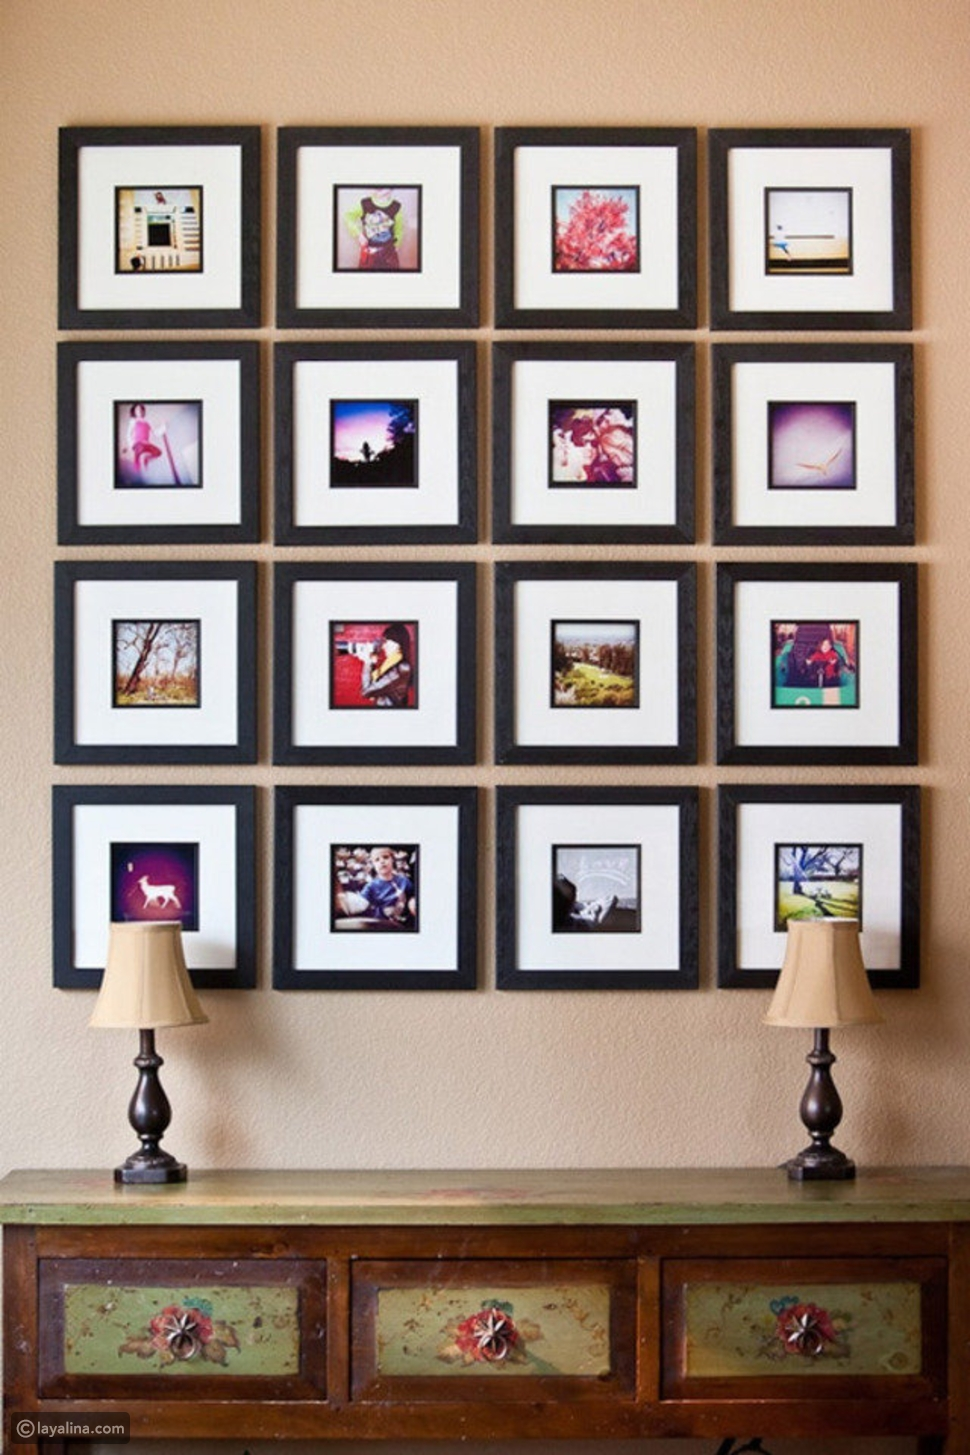 جدار الصور التذكارية